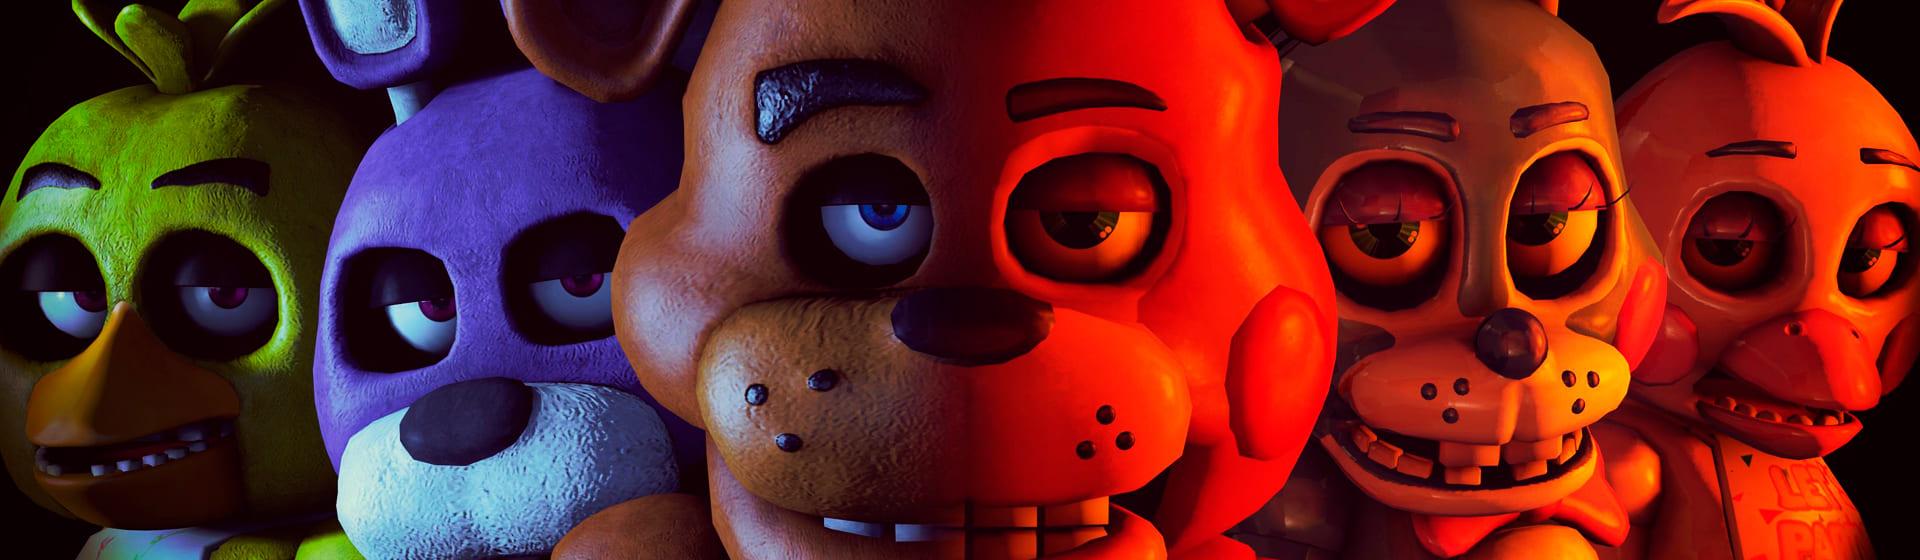 Five Nights At Freddy's - Мерч и одежда с атрибутикой